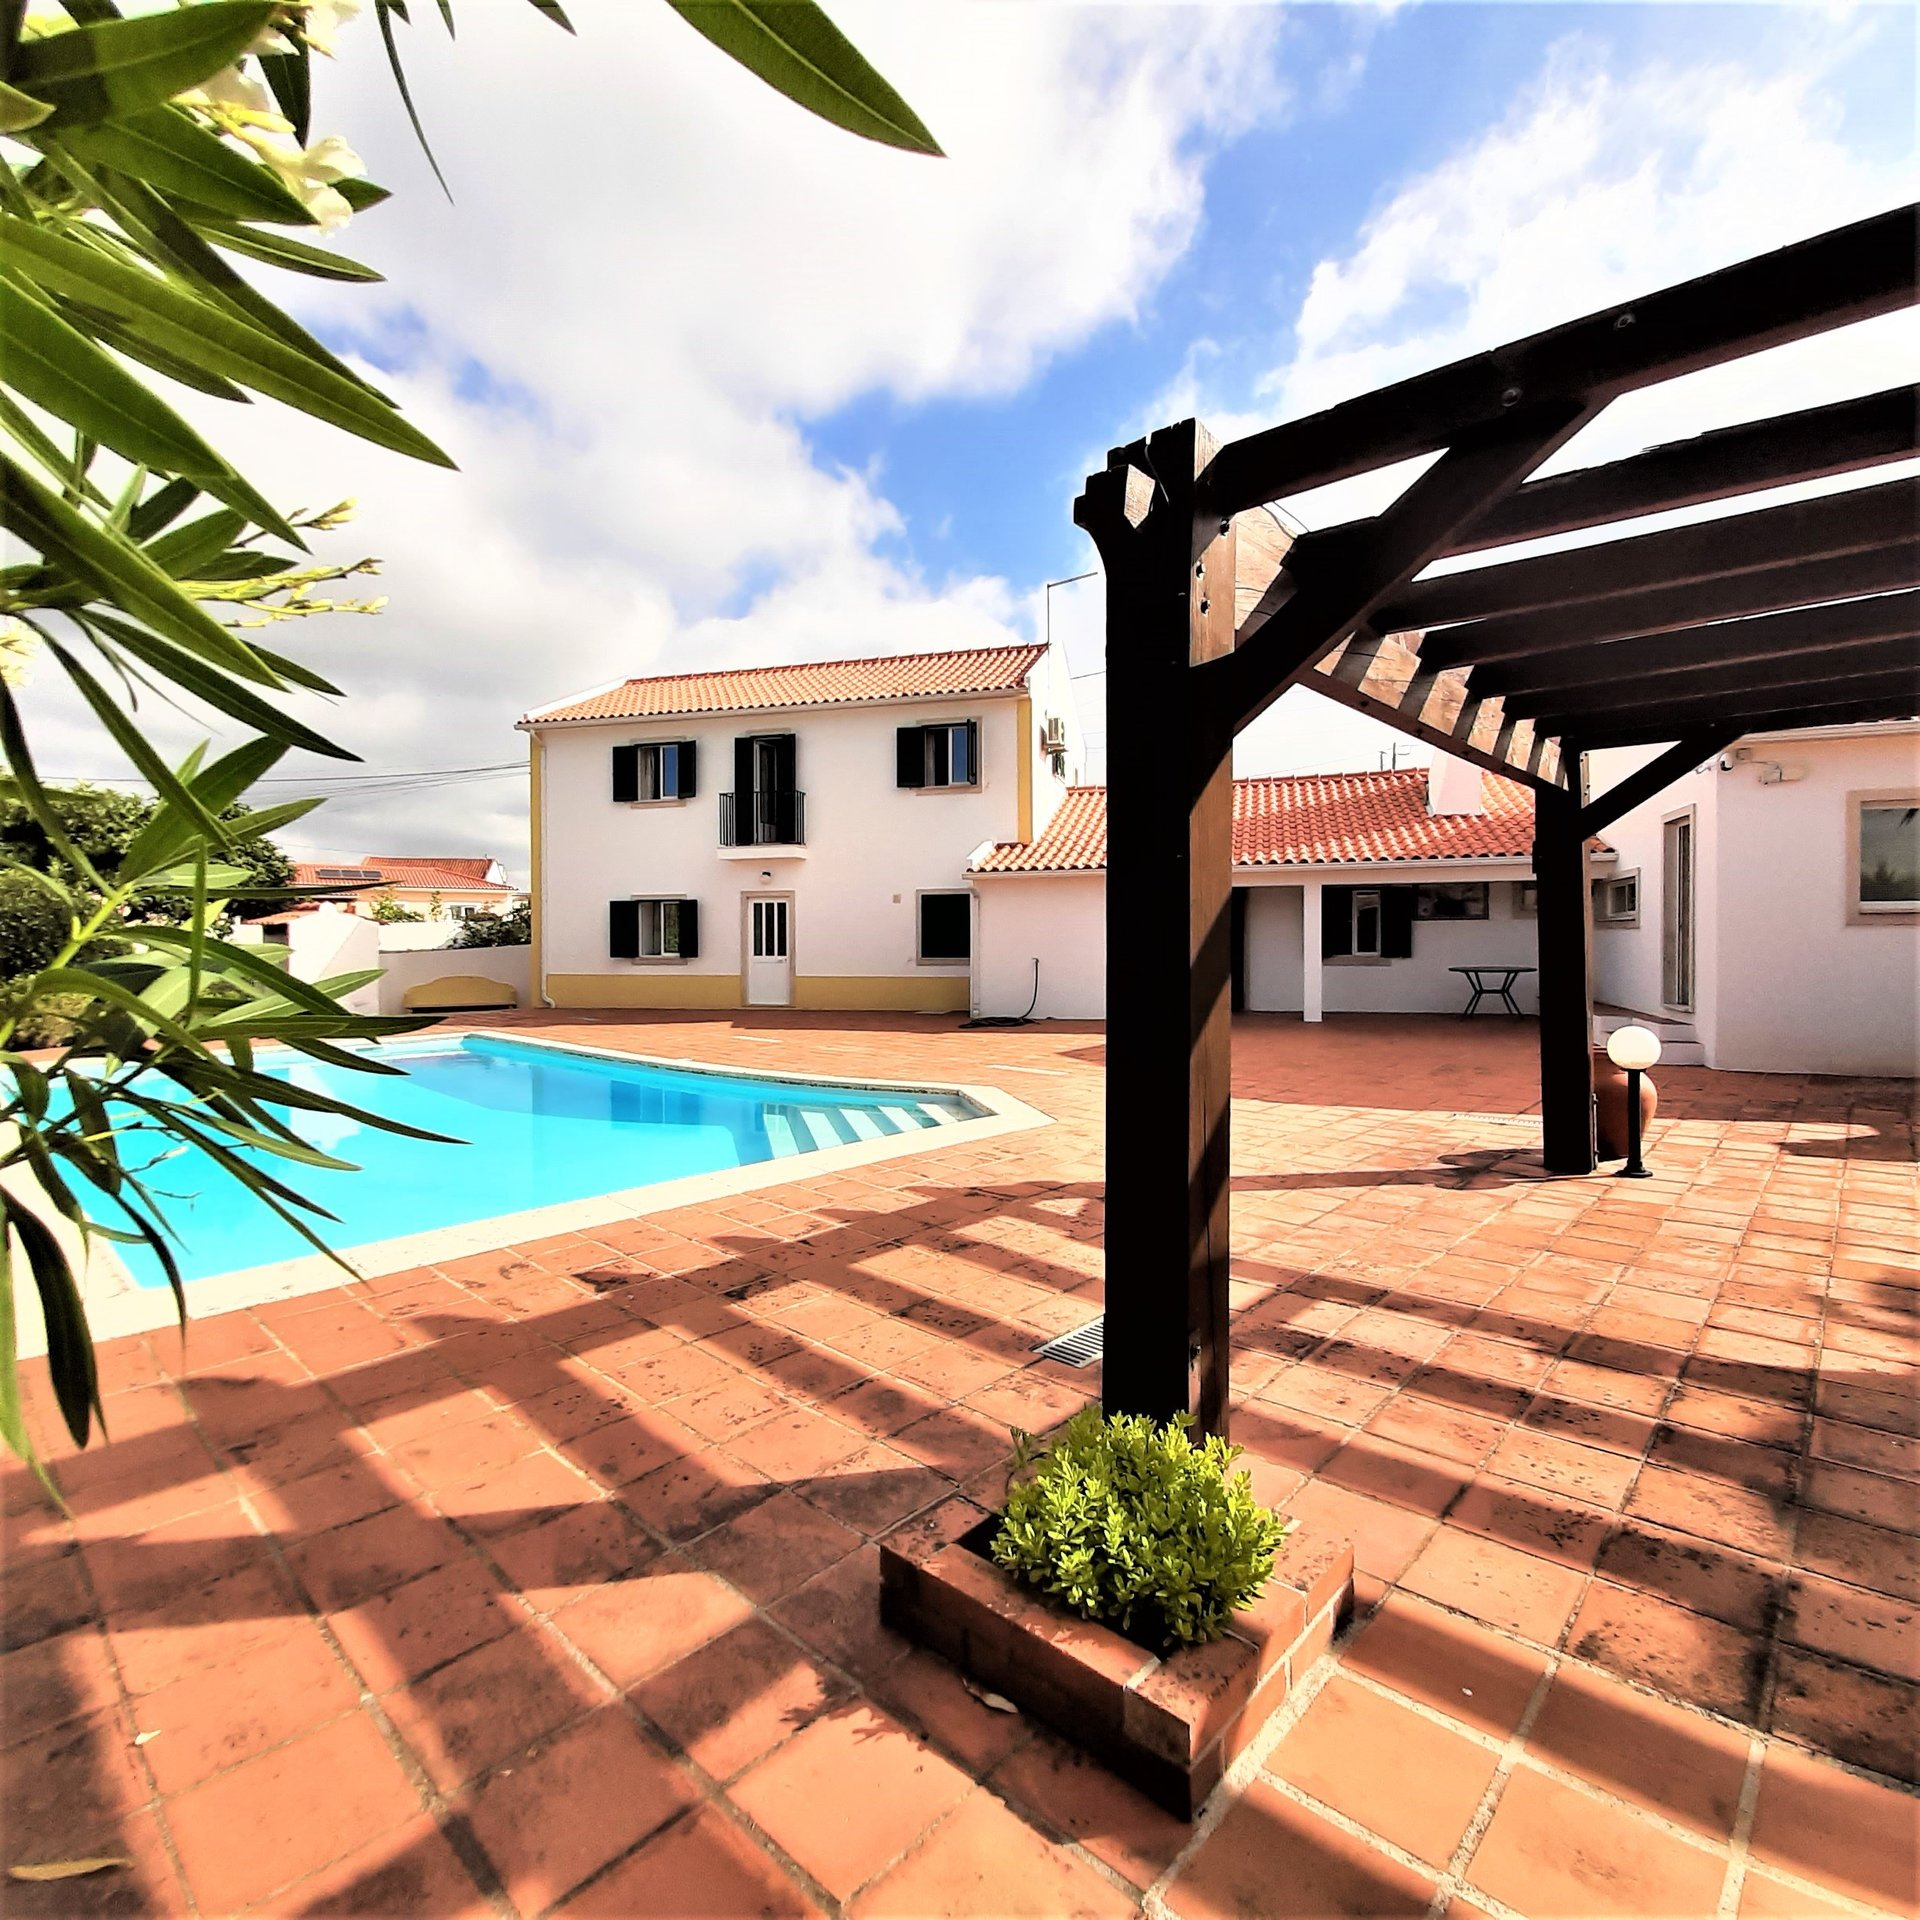 3 Bedroom Villa Caldas da Rainha, Silver Coast Ref: AV2129